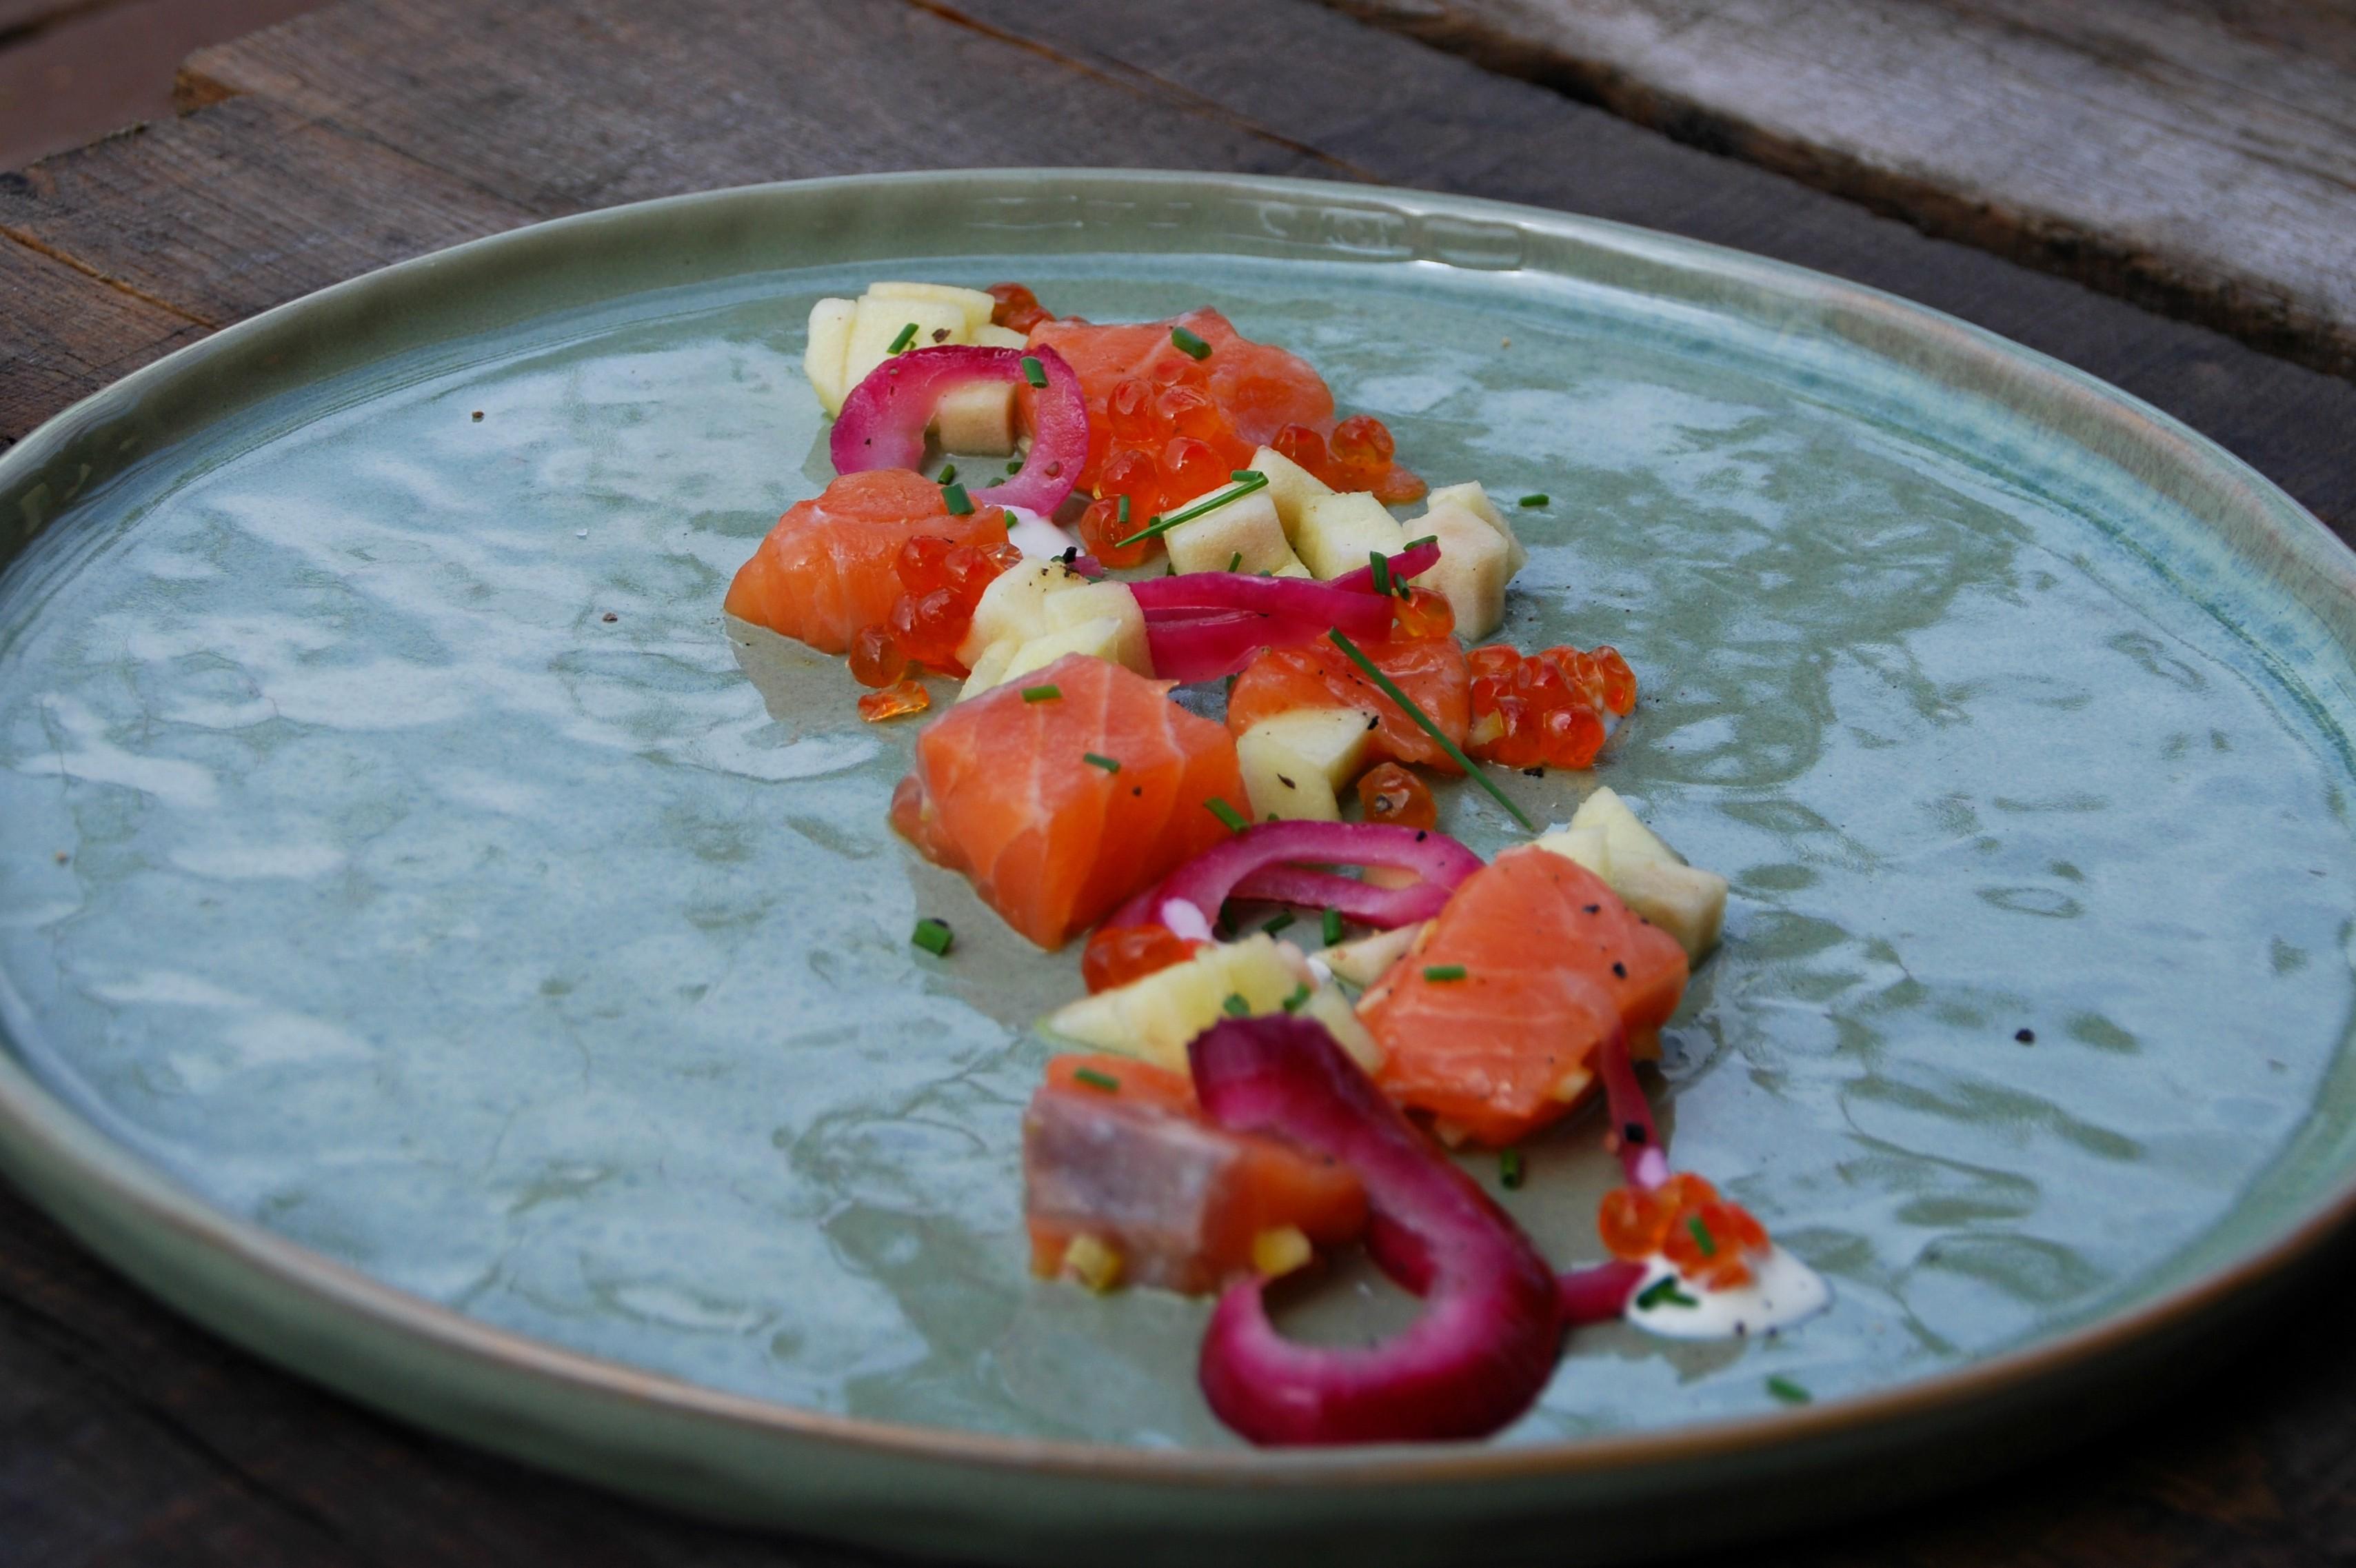 Zalm met appel en rode ui - www.truitjeroermeniet.be